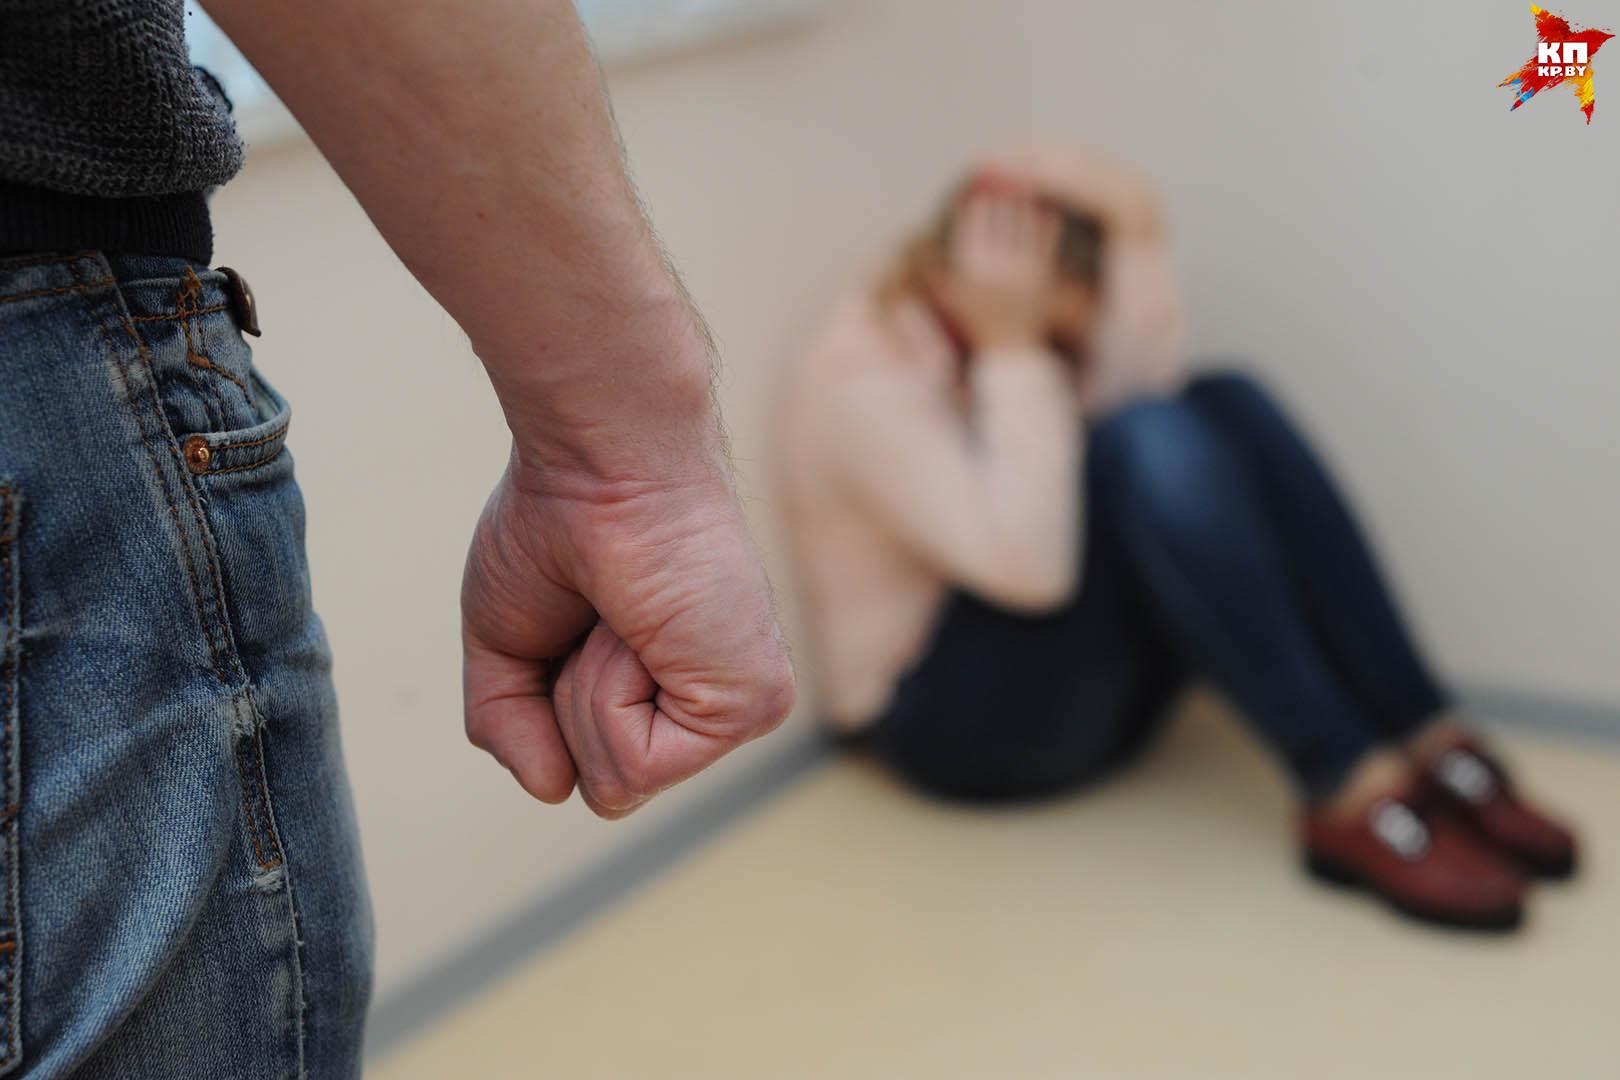 Все уличенные в домашнем насилии, не только физическом, но и моральном, автоматически становятся на учет.